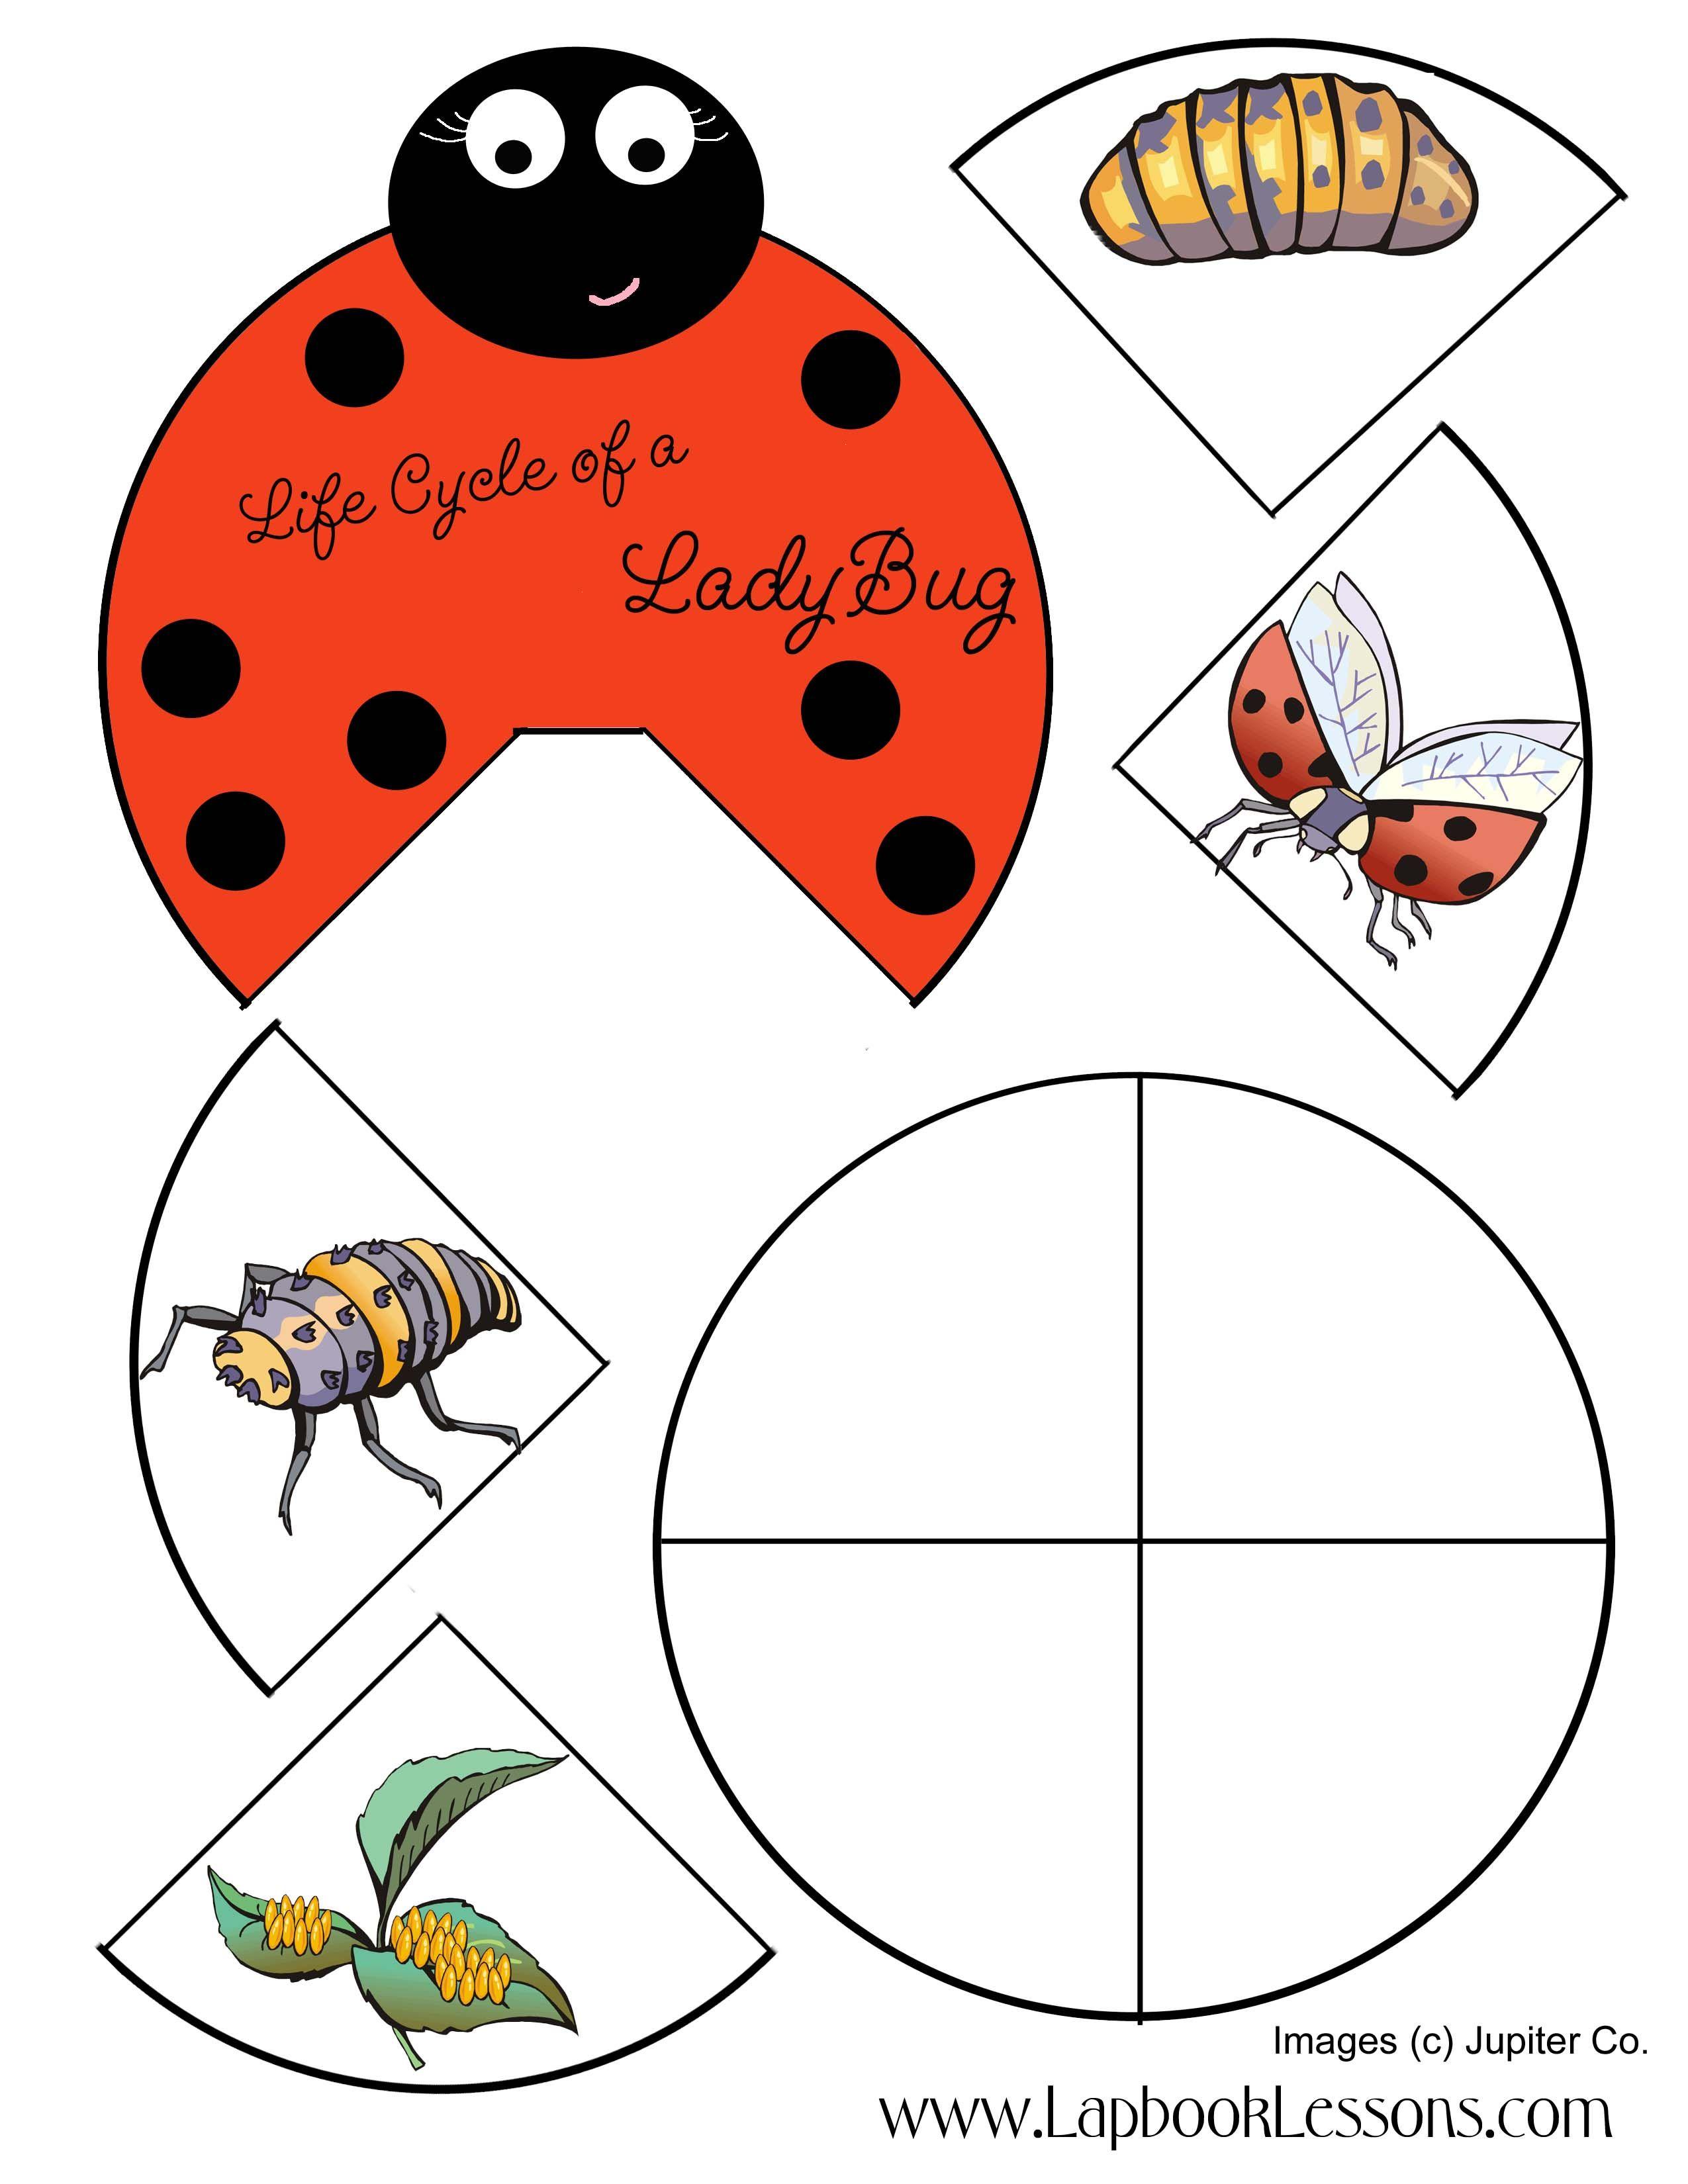 De Levenscyclus Van Een Lieveheersbeestje Ciclo De La Mariquita